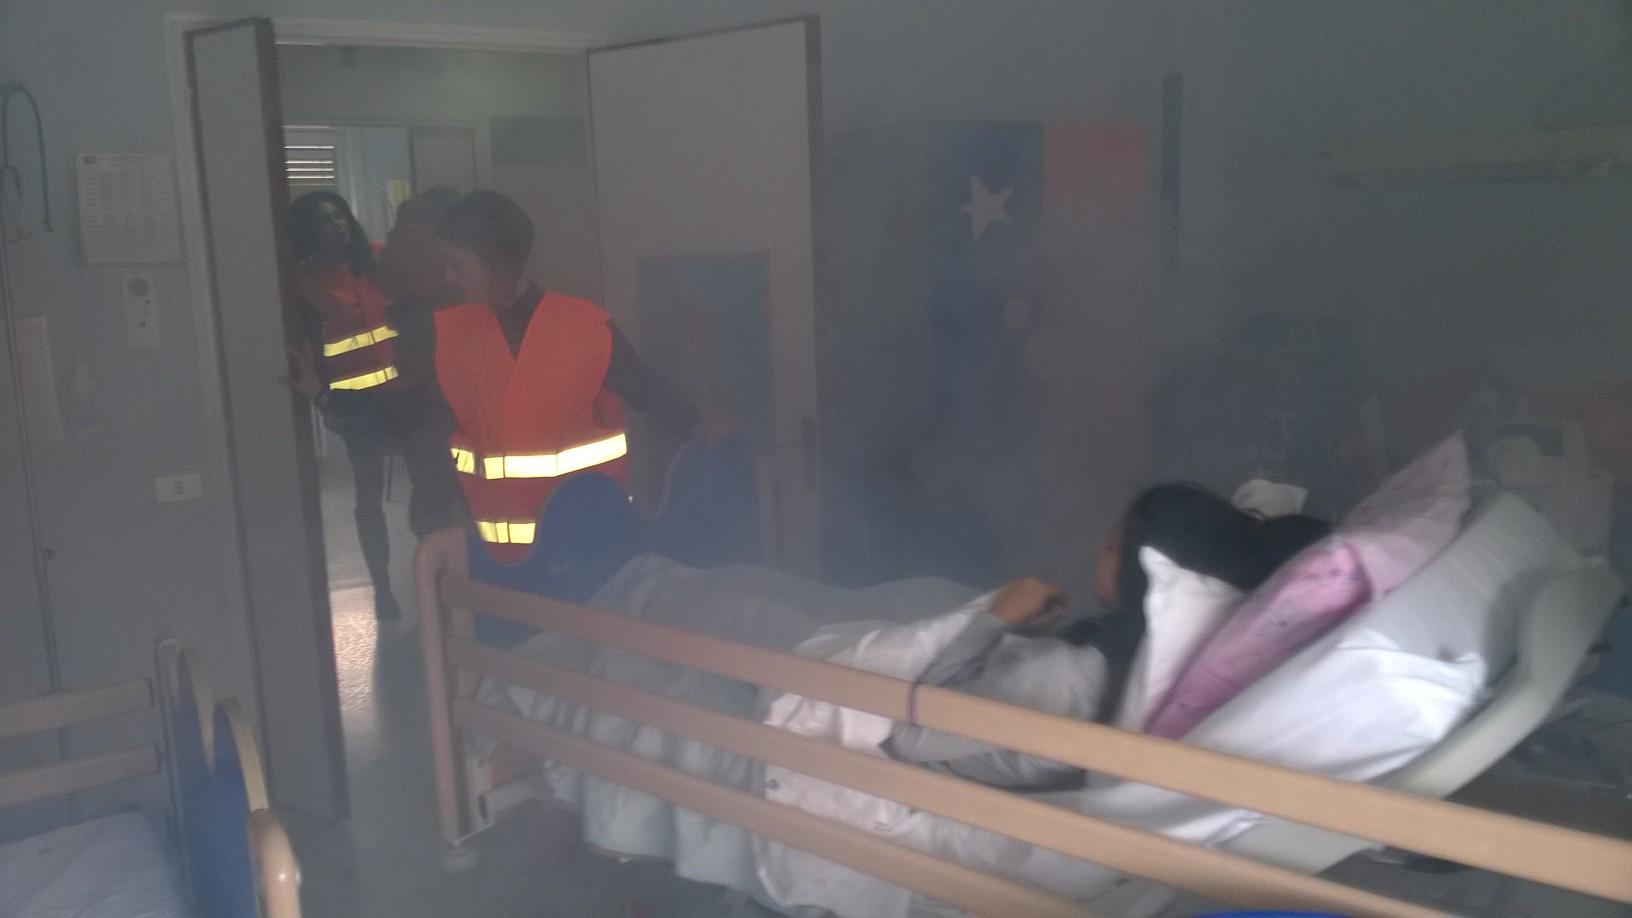 Questa mattina nell'ospedale di Avezzano prova antisismica: coinvolti tutti i reparti con 355 persone presenti, tra degenti e sanitari.